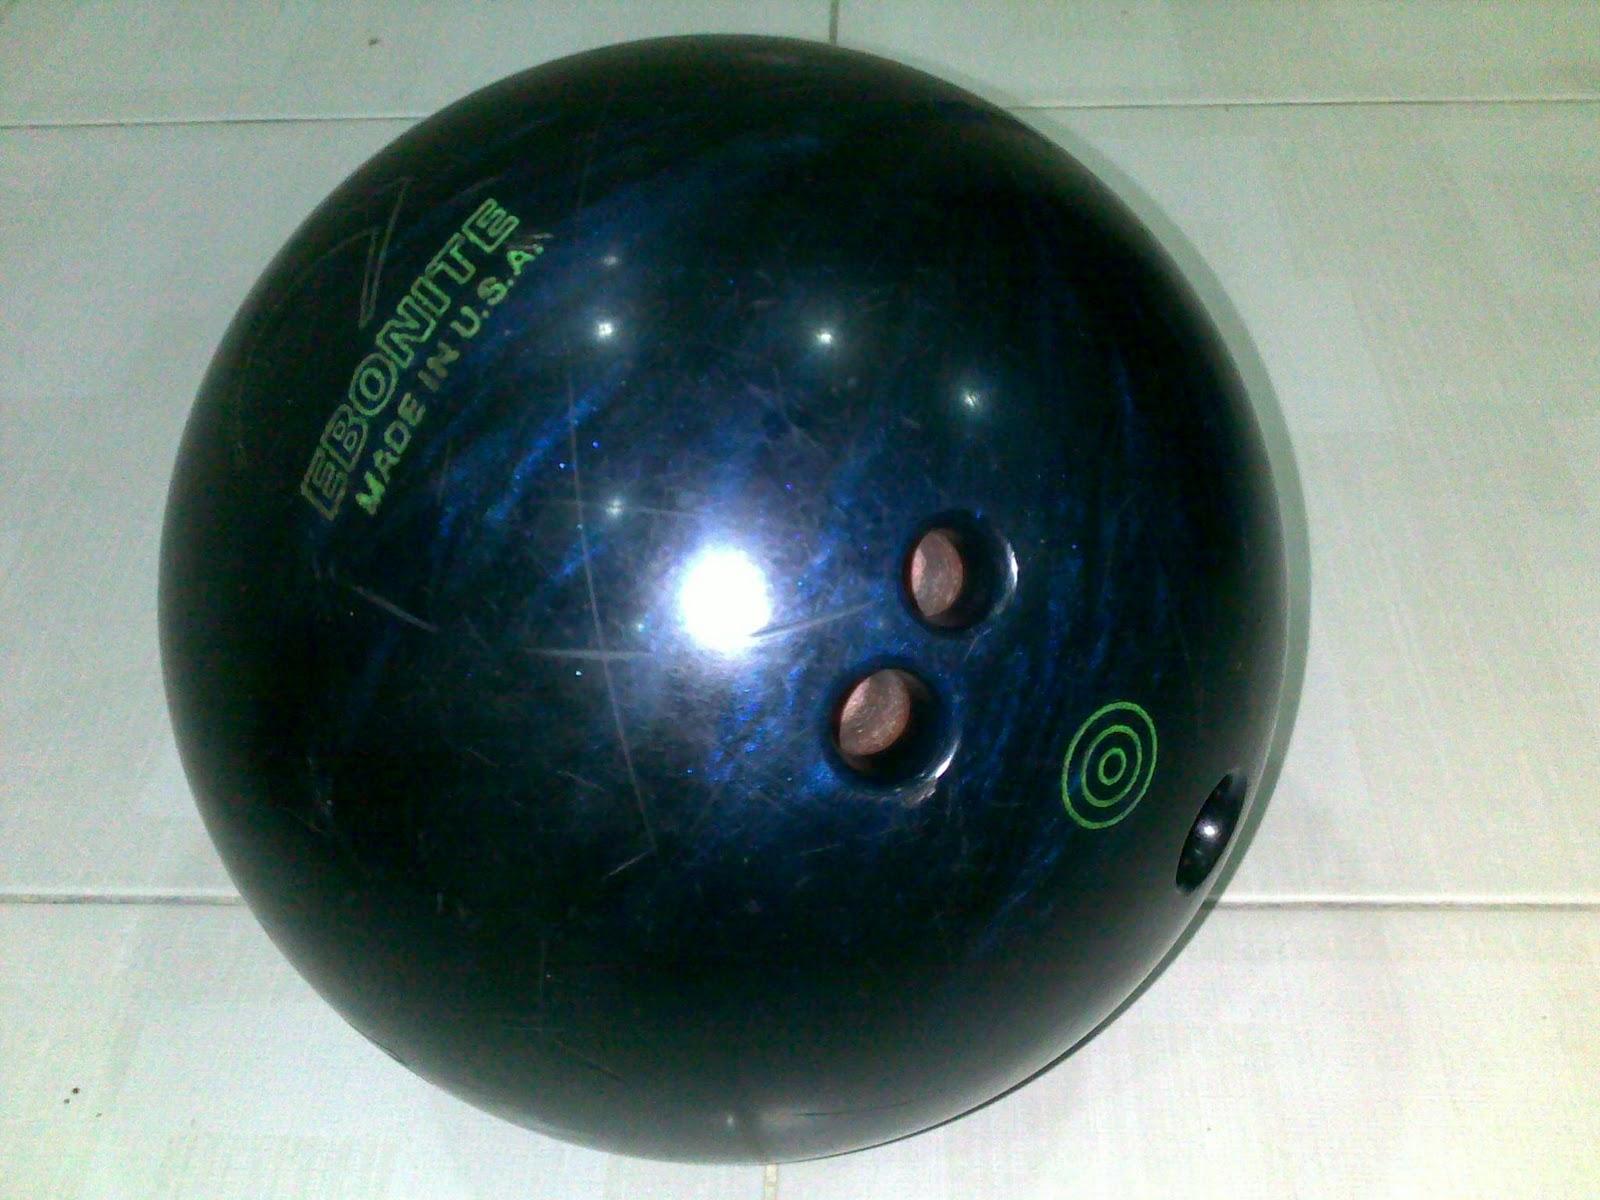 KEDAI BOWLING ONLINE: Ebonite MAXIM bowling ball 8 lbs